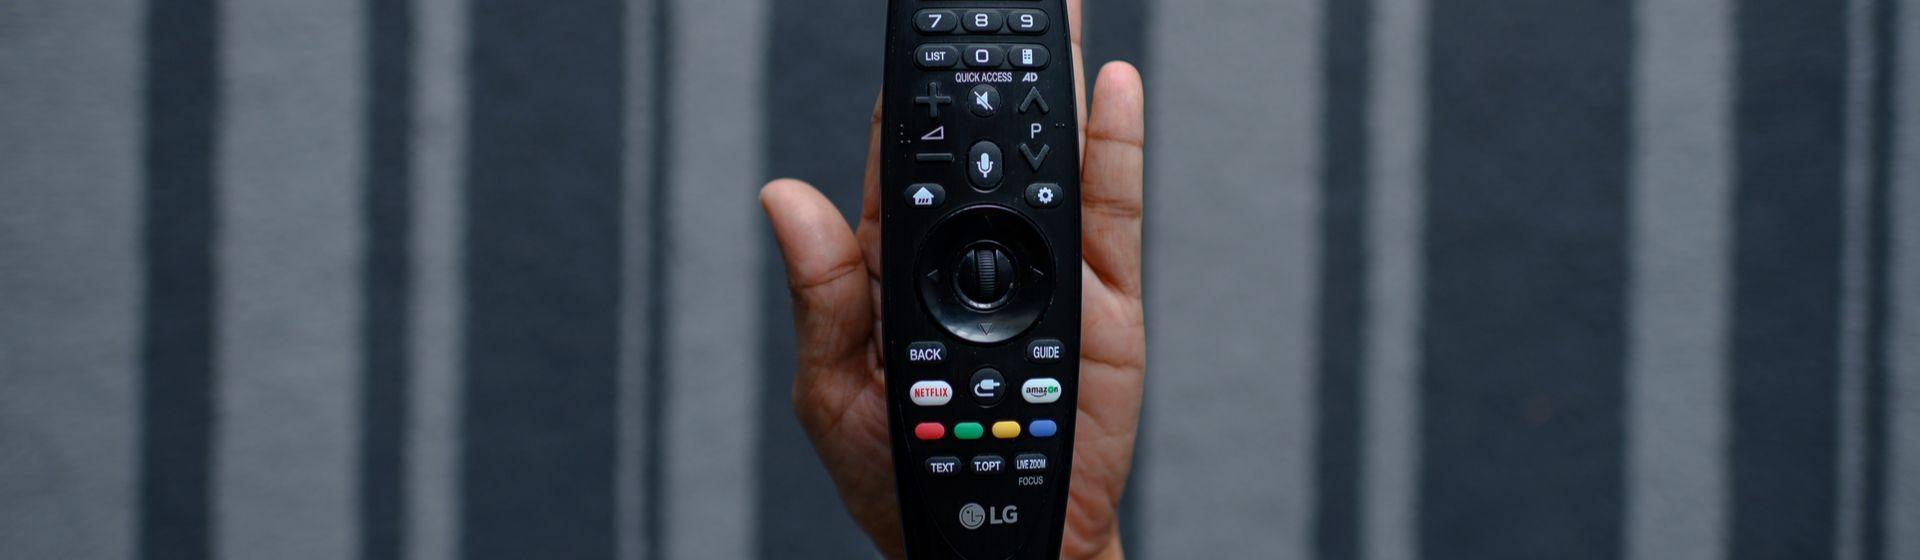 Smart Magic, o controle remoto da LG: o que faz? Como usar?